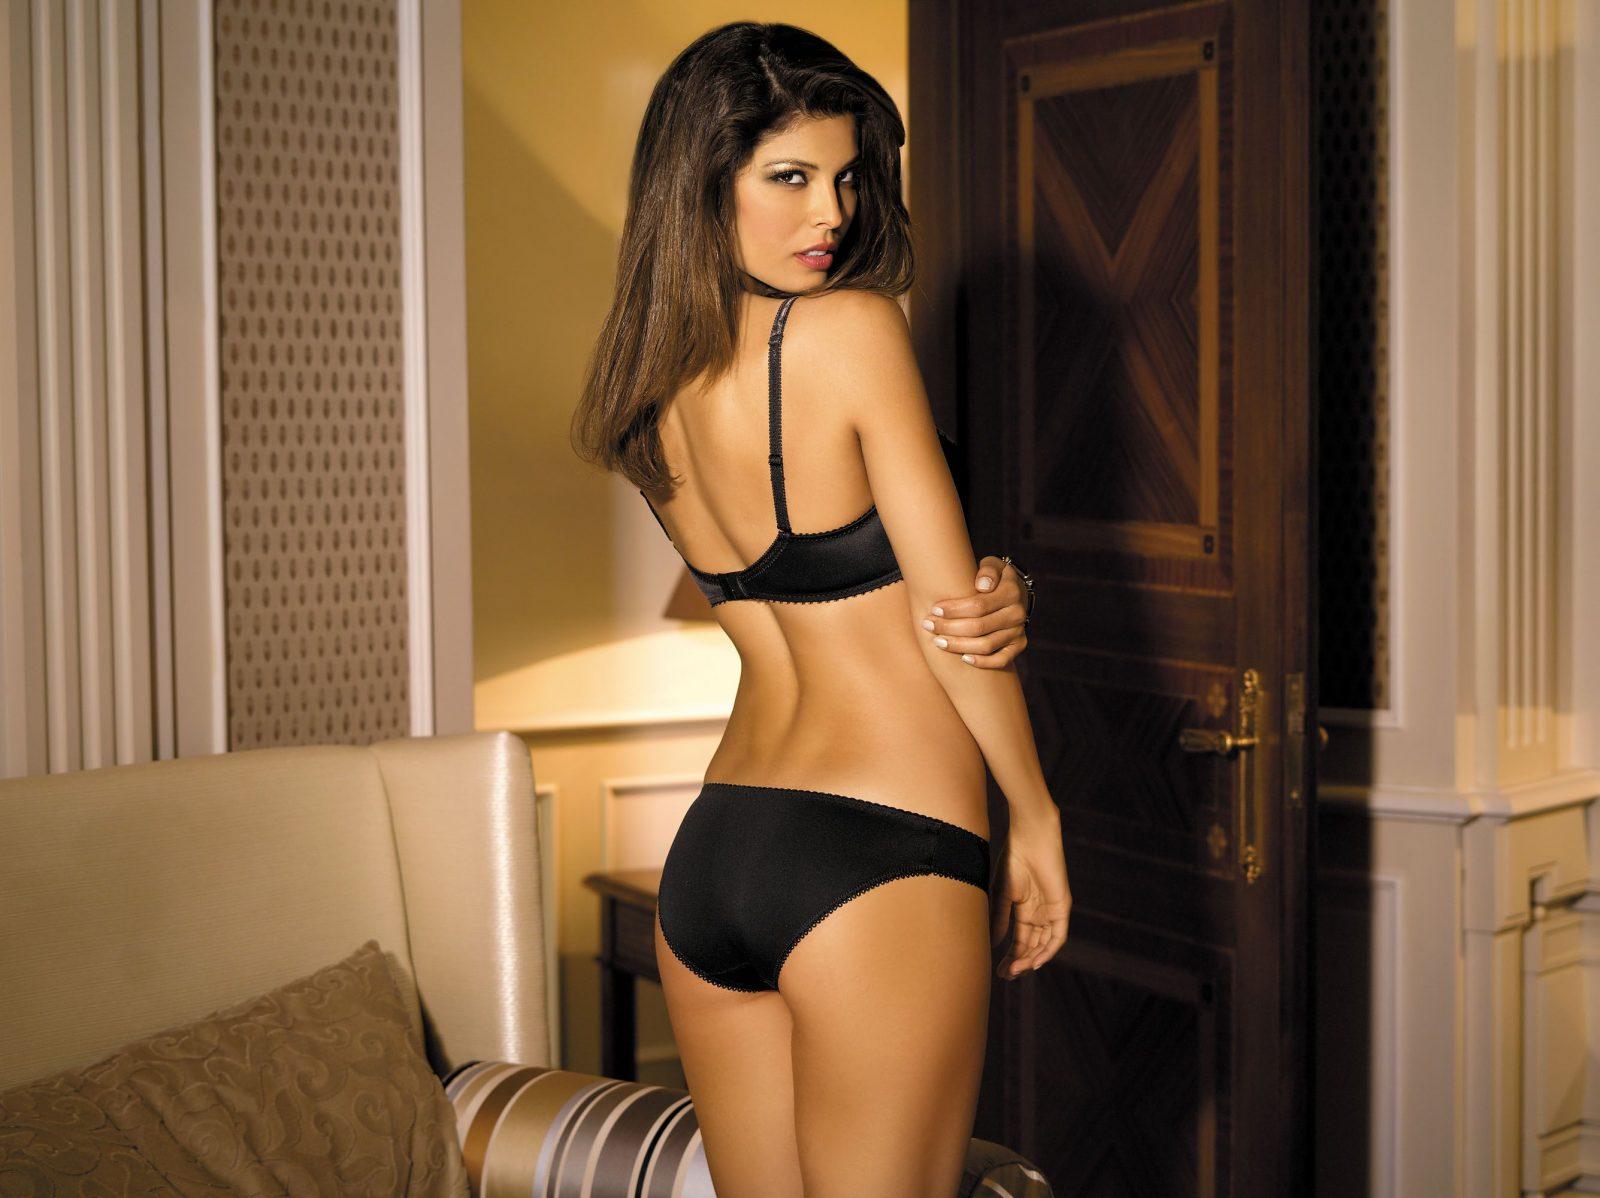 Для мужчин девушки фото в нижнем белье #12